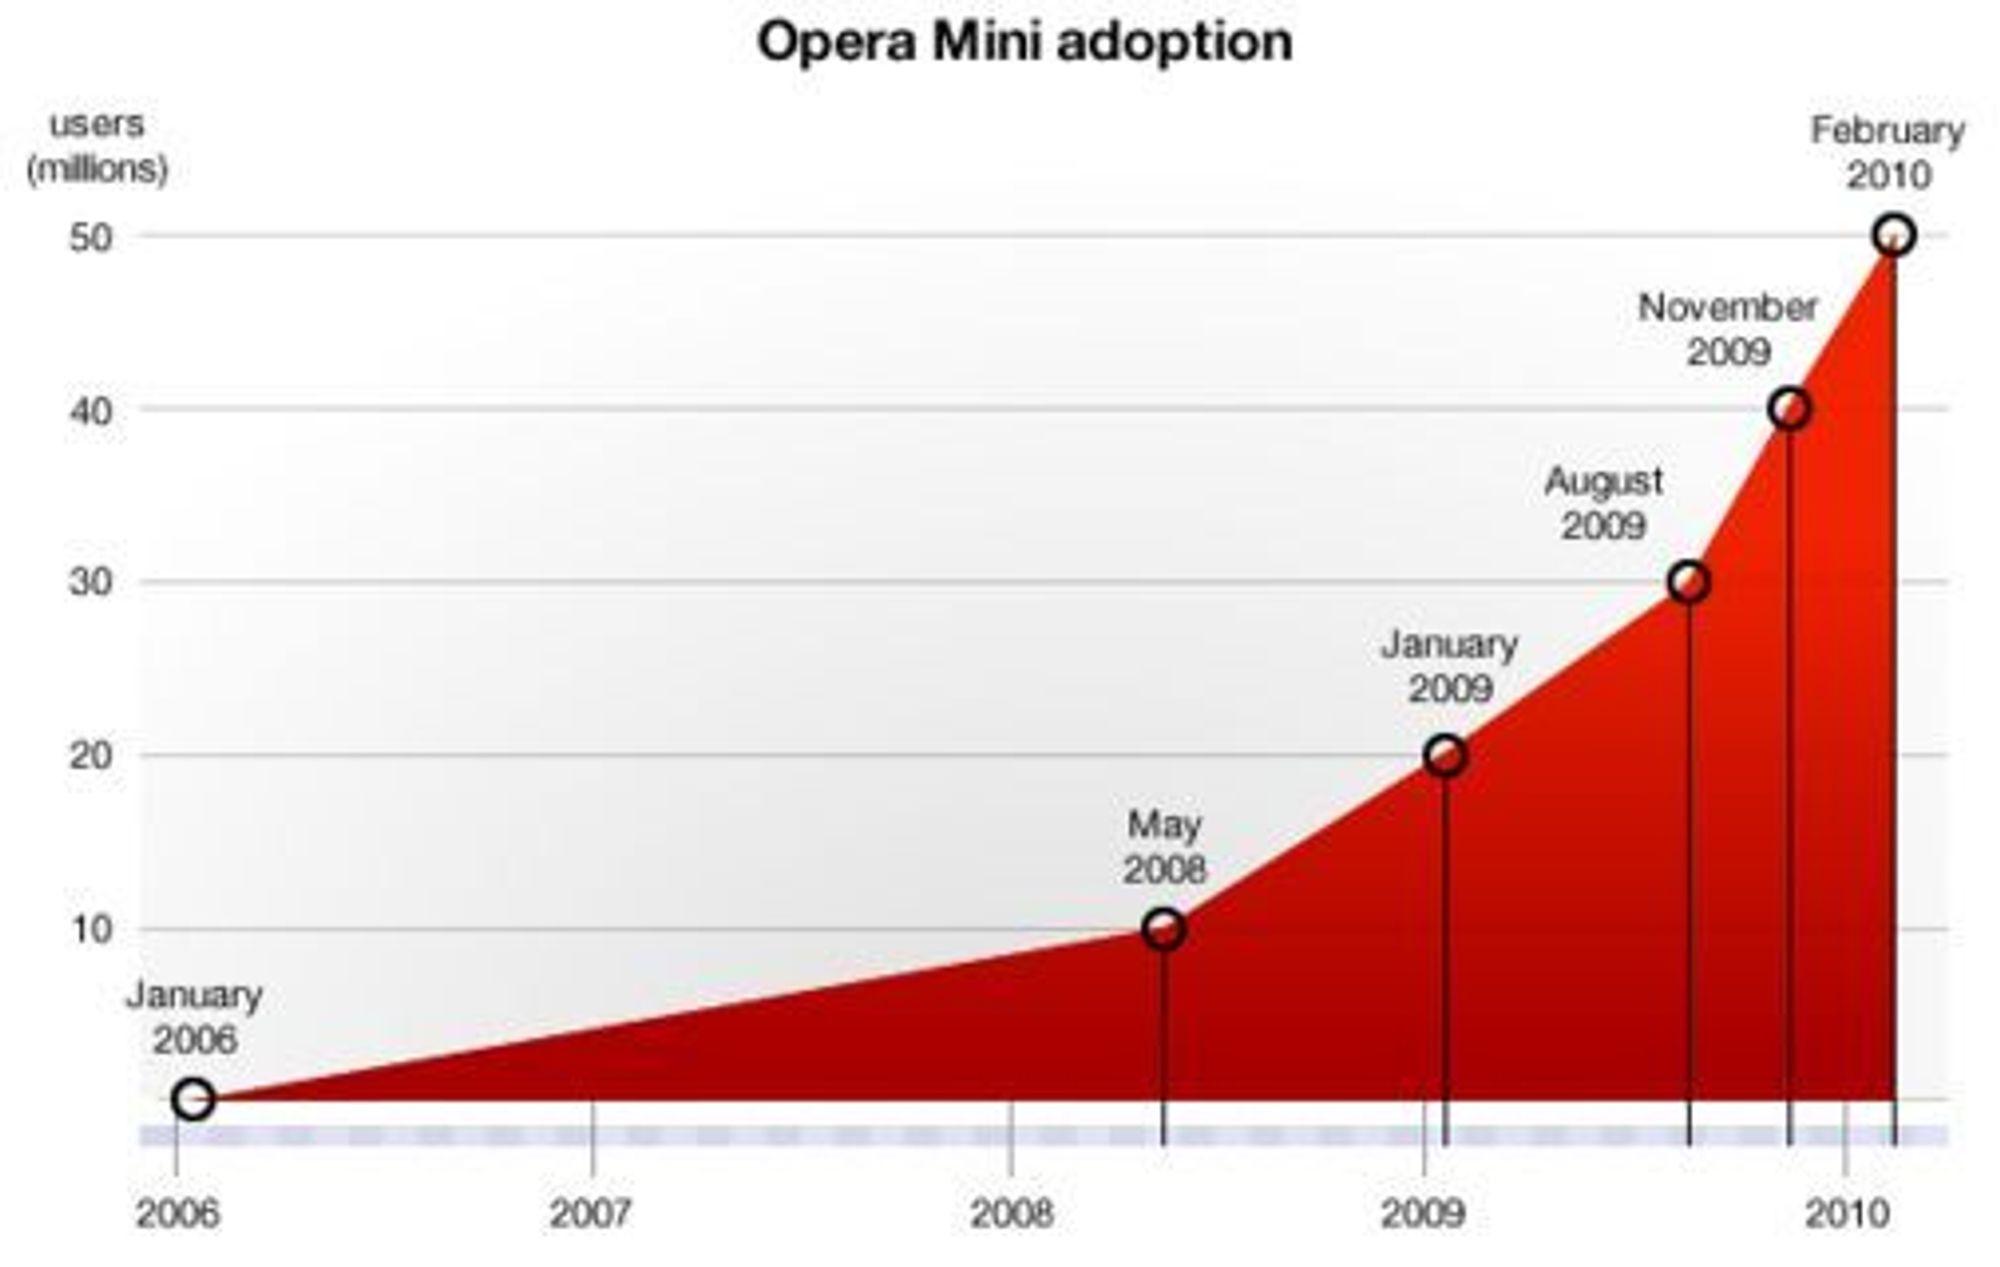 Veksten til Opera Mini målt i månedlige brukere siden lanseringen i januar 2006.